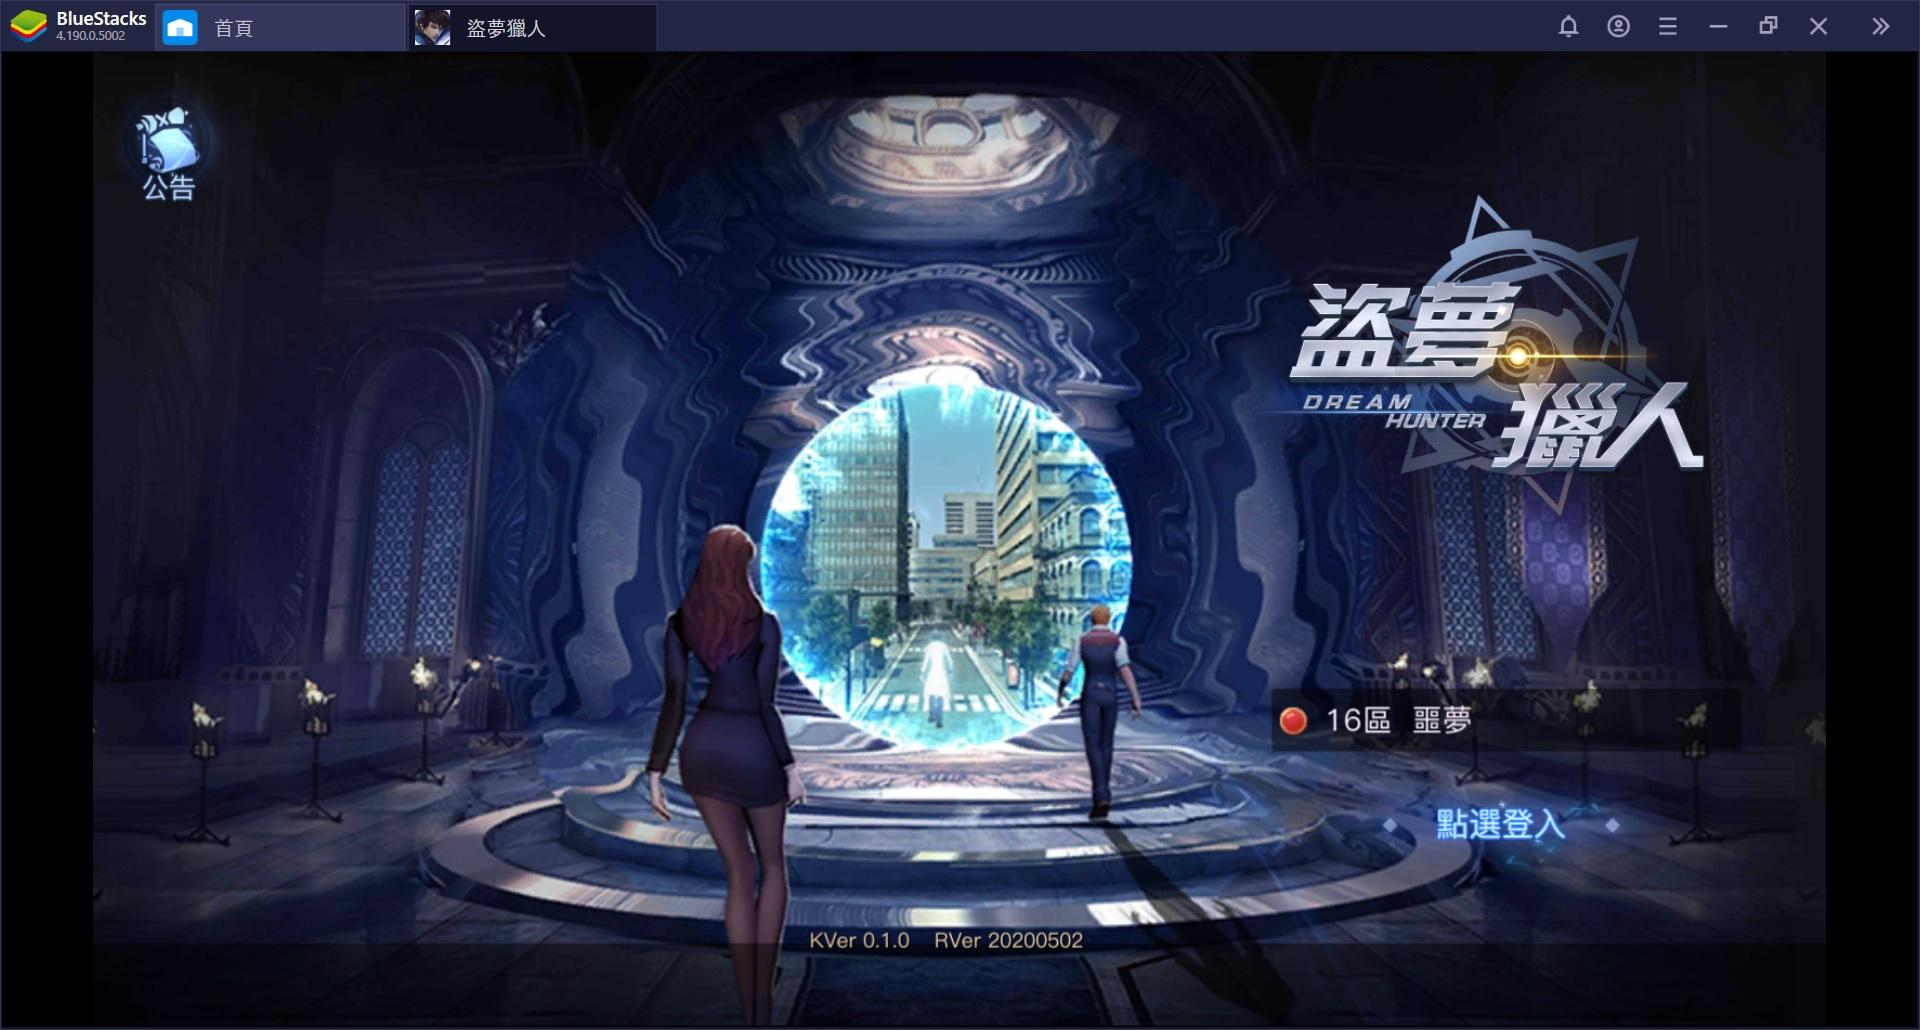 使用BlueStacks在PC上遊玩魔幻都市的次世代MMORPG手游《盜夢獵人》